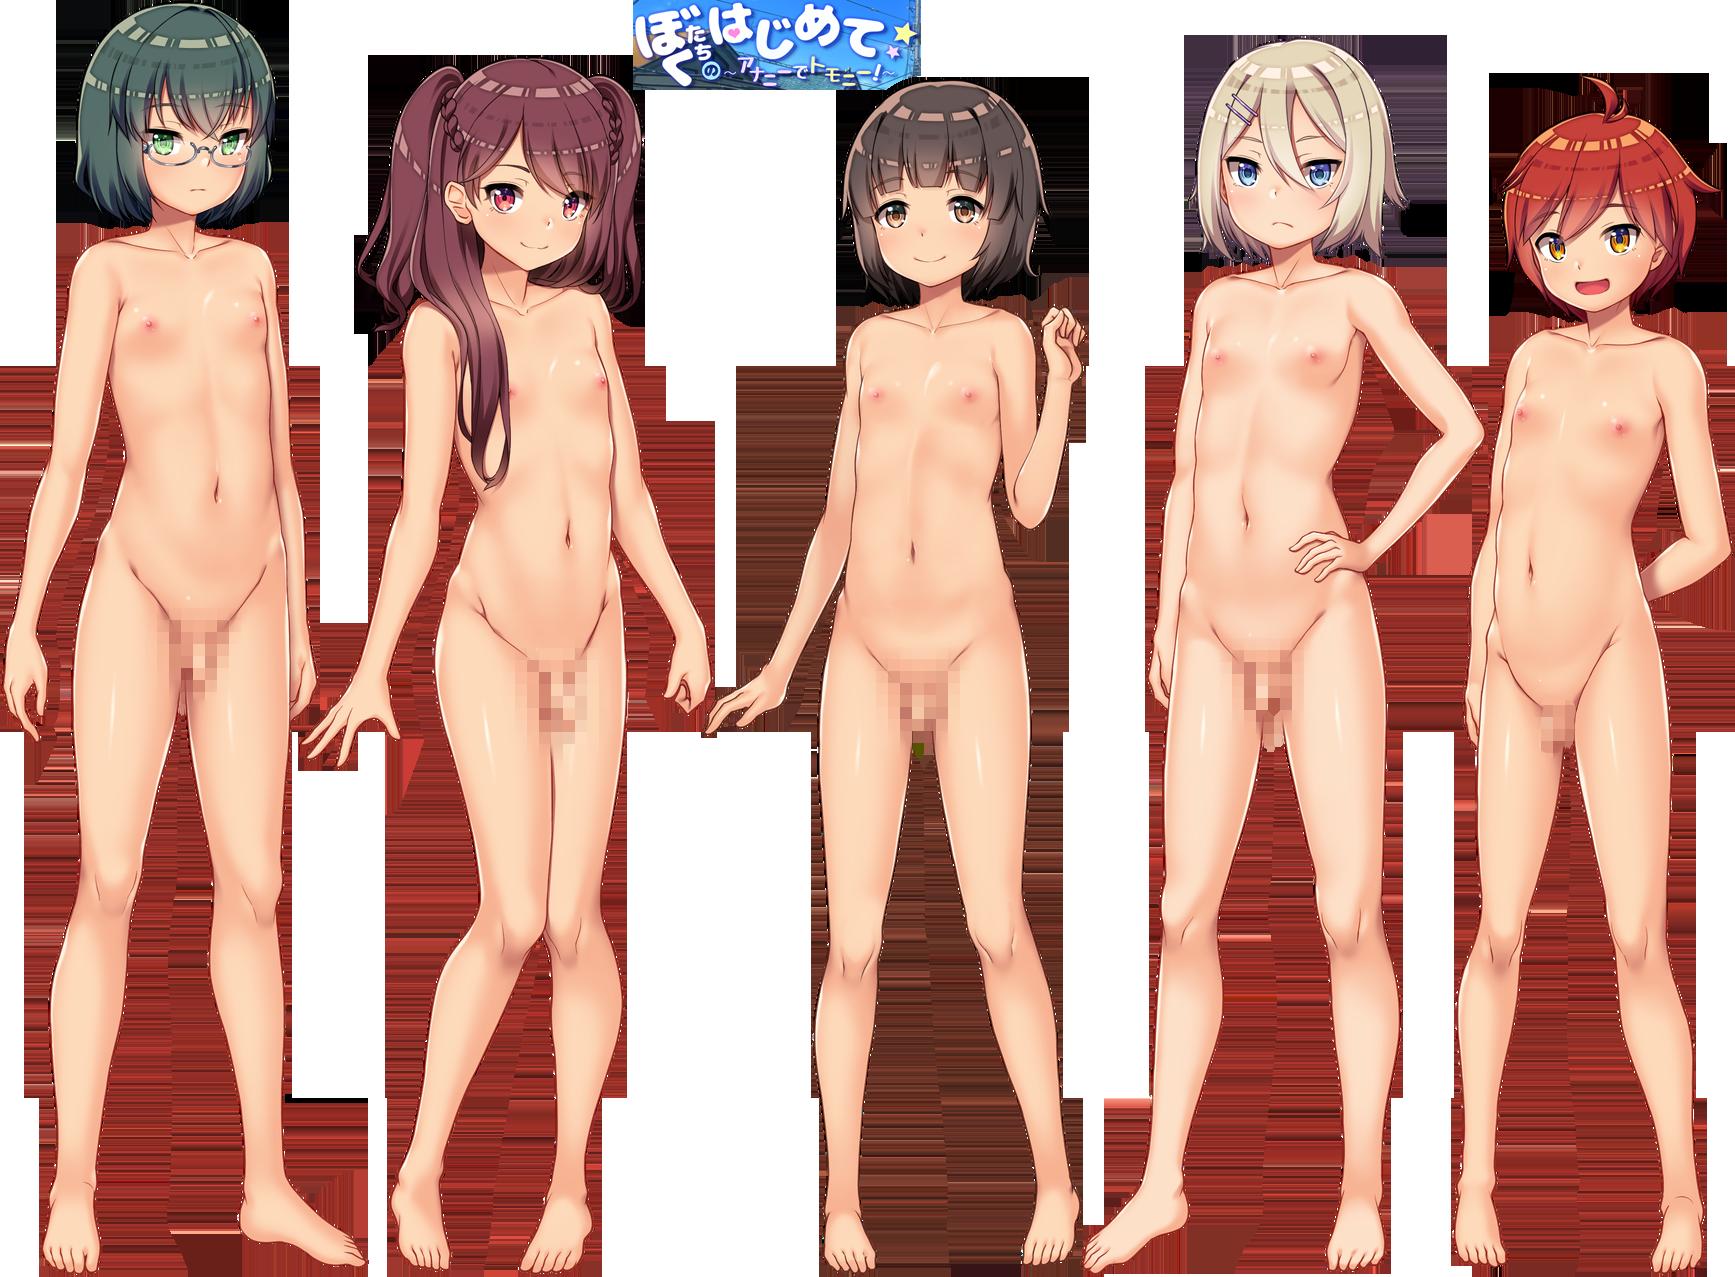 裸の立ち絵画像を集めようぜ Part30©bbspink.com->画像>574枚